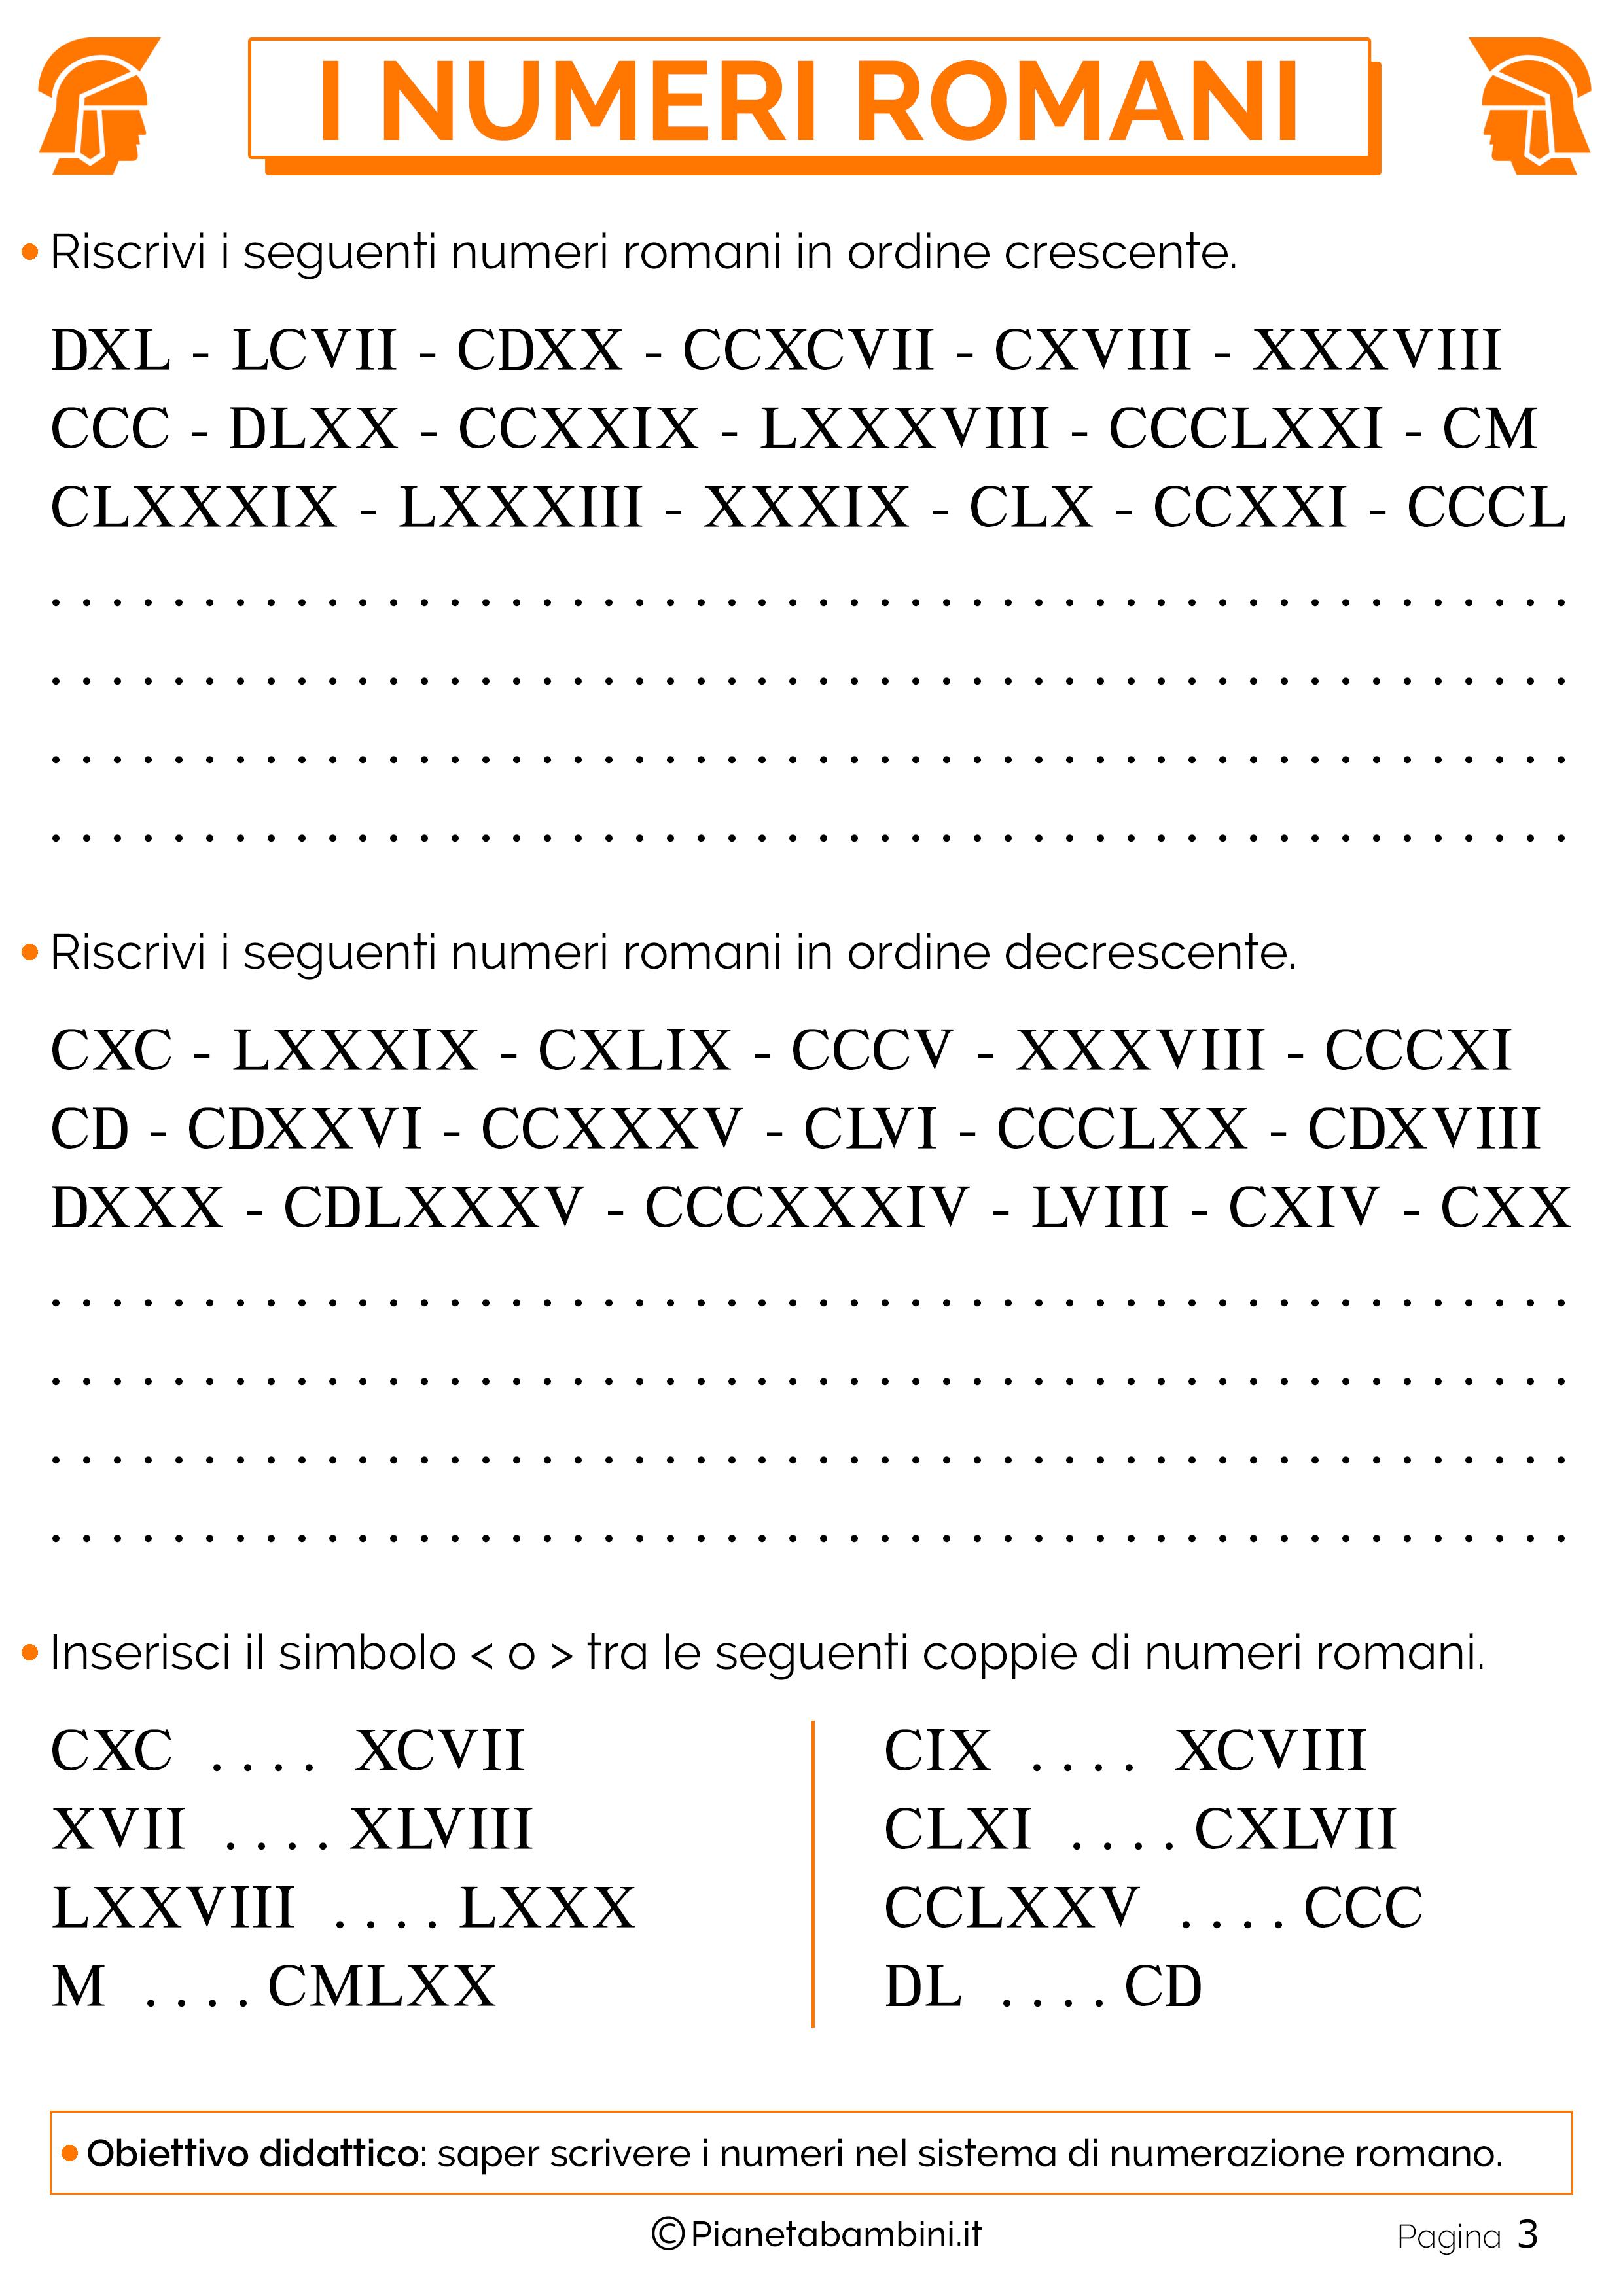 Estremamente Esercizi sui Numeri Romani per la Scuola Primaria | PianetaBambini.it SO29